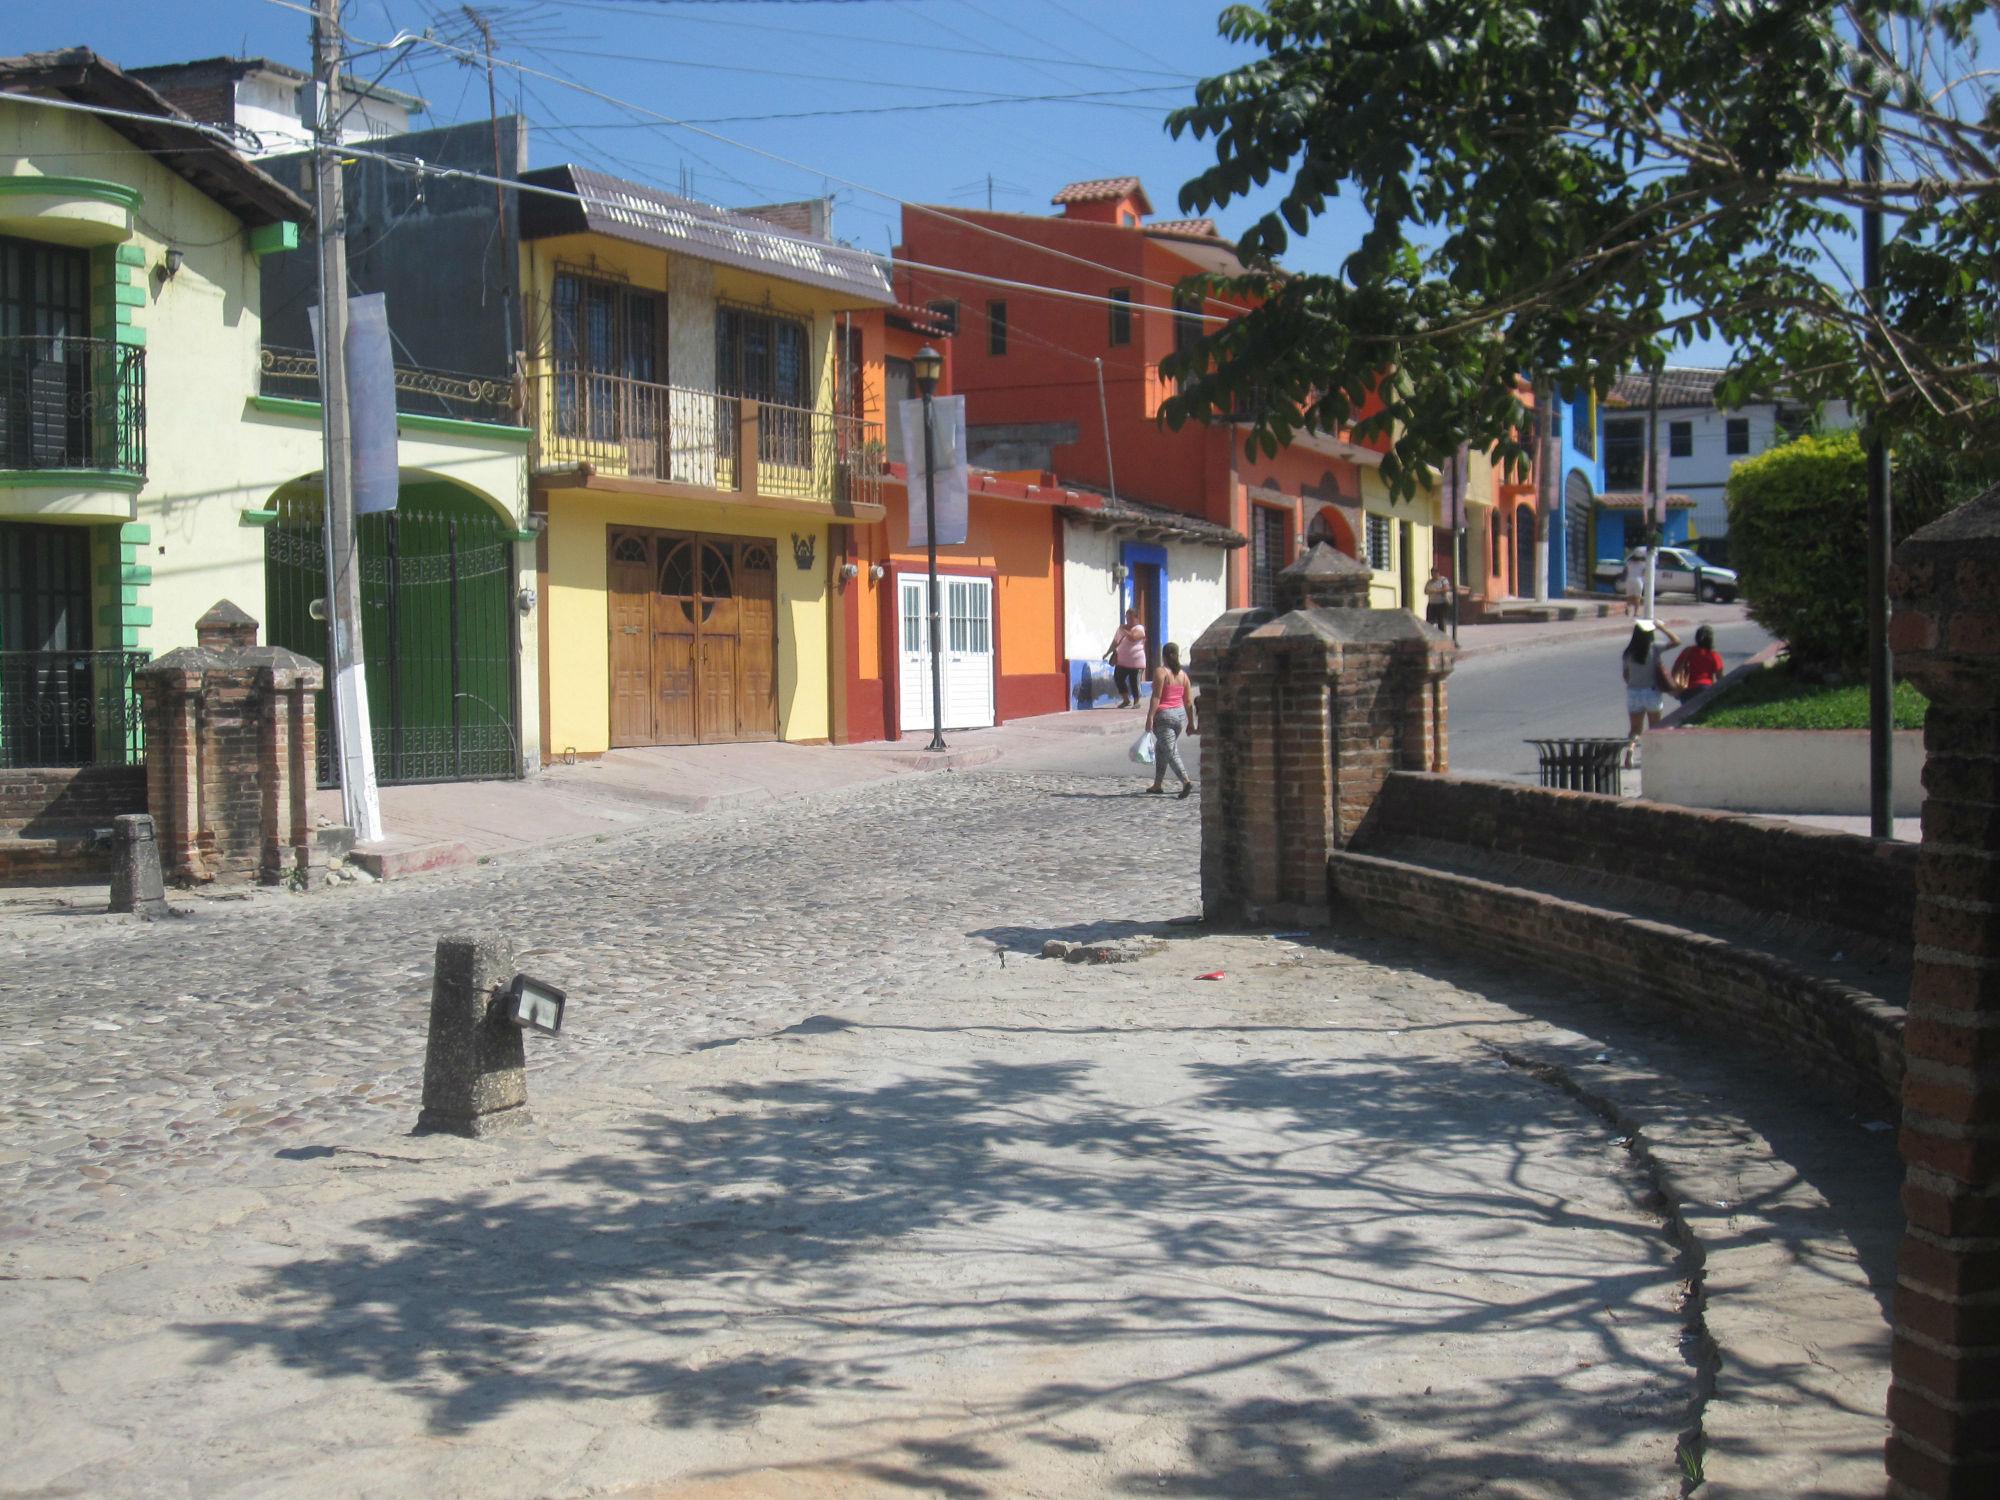 Vi åkte även till Chiapa de Corzo och promenerade runt där innan vi åkte tillbaka till San Cristobal del las Casas. We also went to Chiapa de Corzo and walked around there before we went back to San Cristobal del las Casas